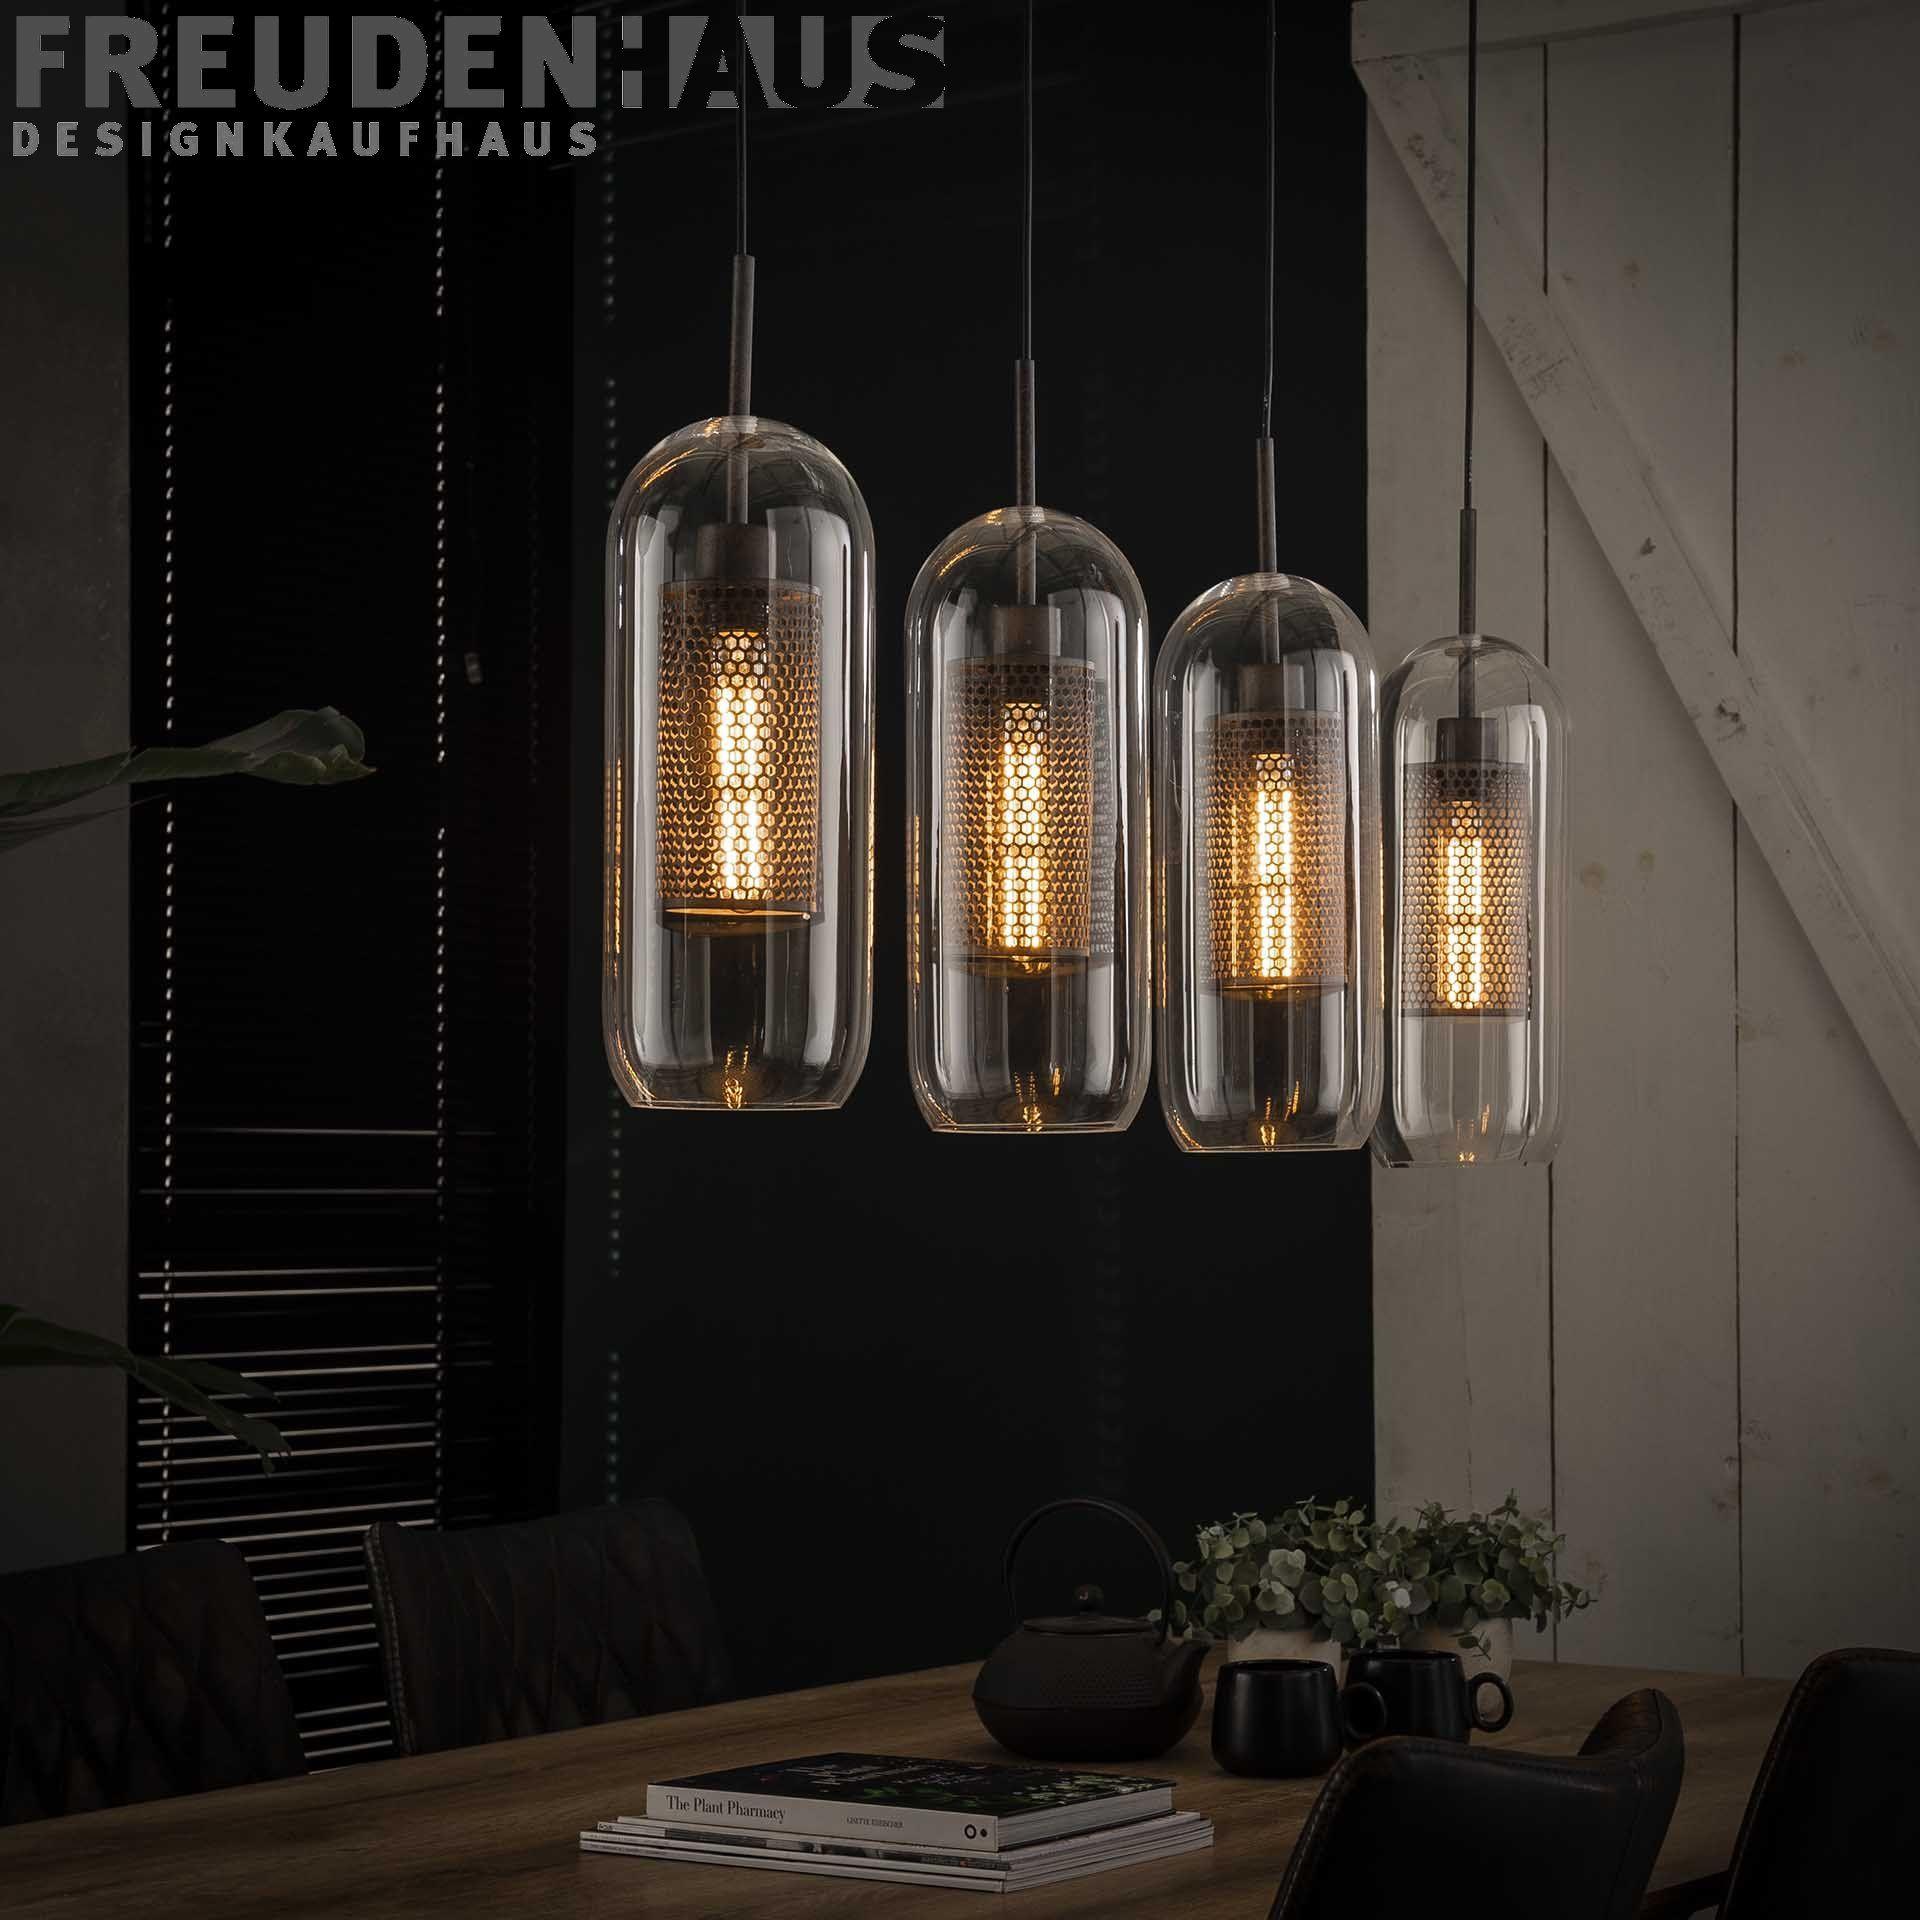 Hangelampe Industrial Lochstahl Glas 4er Lampen Esstisch Beleuchtung Und Hangelampe Glas